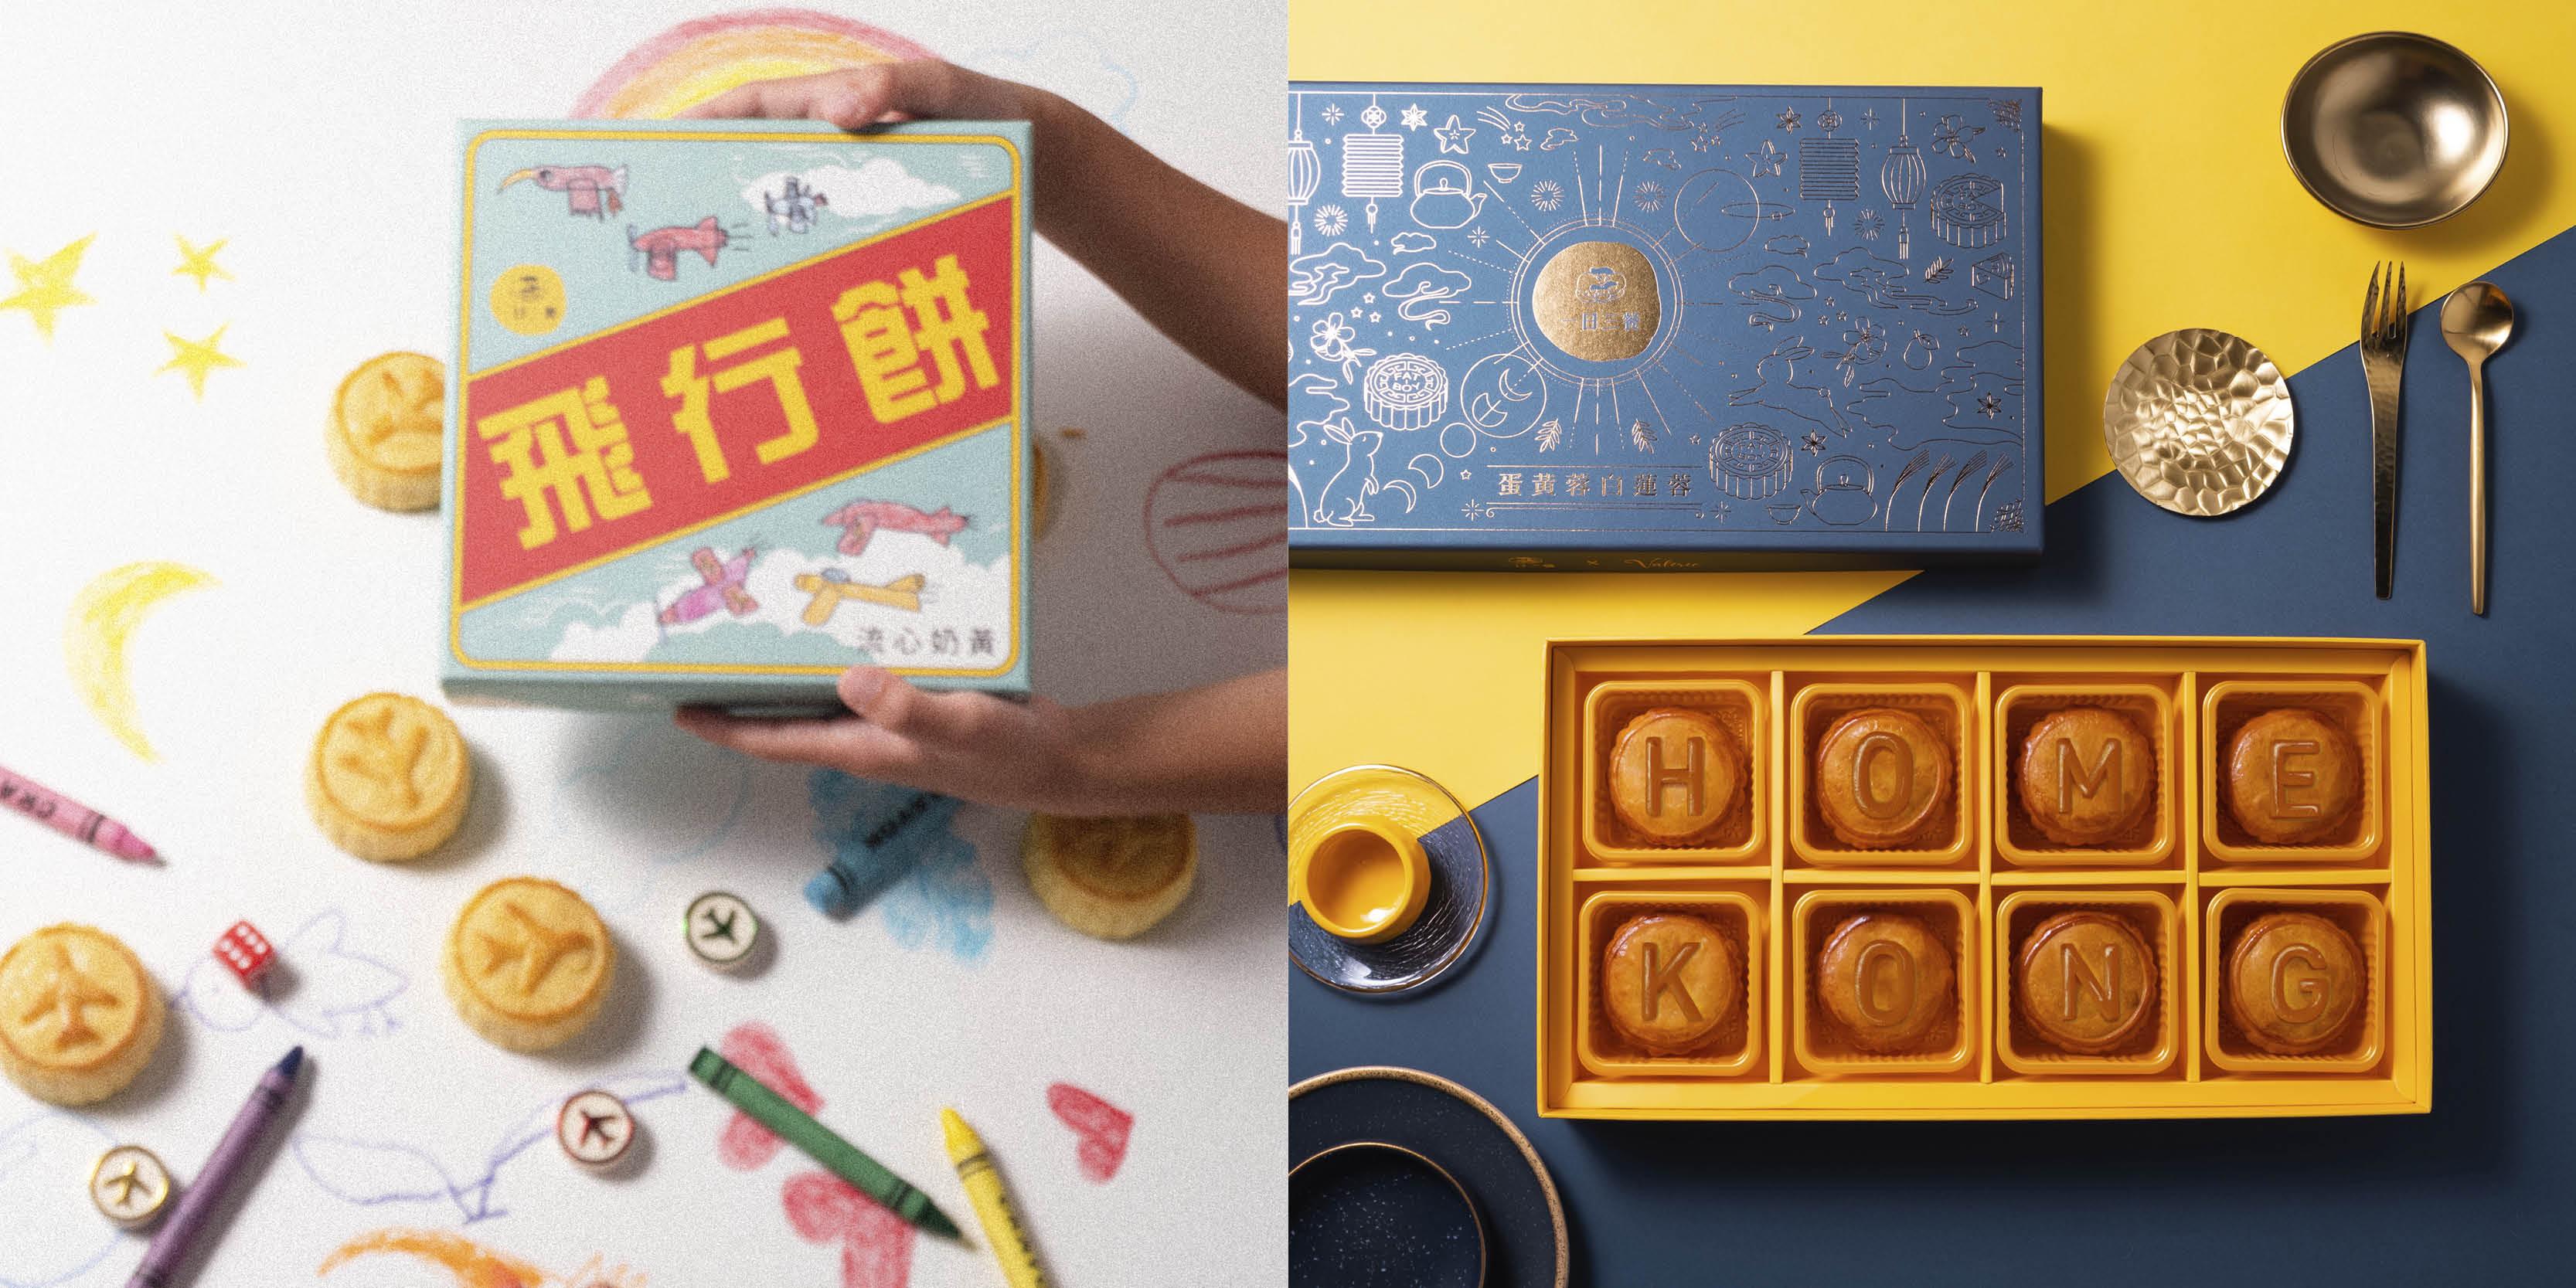 這一盒月餅有勾起你的共鳴嗎?由餐廳一日三餐推出的「懷舊飛行餅」 蛋黃蓉白蓮蓉月餅禮盒($228,一盒四件),印滿了由孩子們親筆繪出的飛機圖案,既老派而富童趣,同時又承載着許多人的期盼及夢想。盒內的「飛行餅」由口碑載道的Valérie製作,流心奶黃月餅早已售罄,只剩少量的蛋黃蓉白蓮蓉月餅。除此之外,一日三餐今年同時推出「HOME KONG版」蛋黃蓉白蓮蓉月餅($298, 一盒八件),意念無須言明,一切盡在心中。